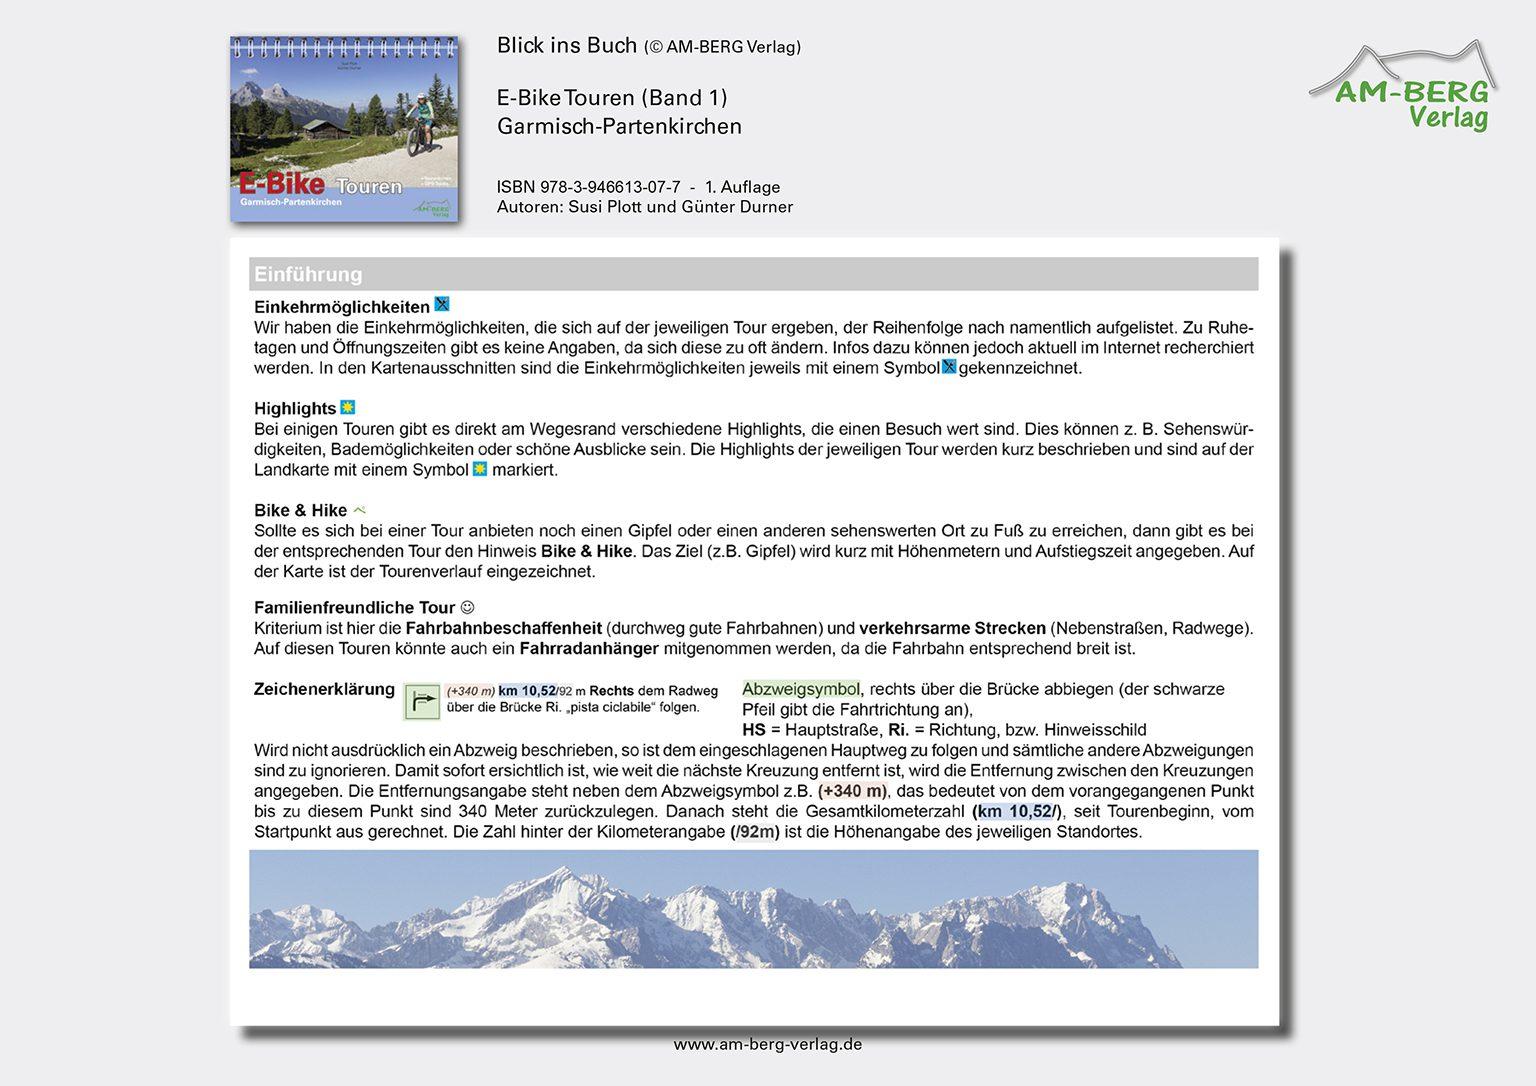 E-Bike Touren Garmisch-Partenkirchen_BlickinsBuch08